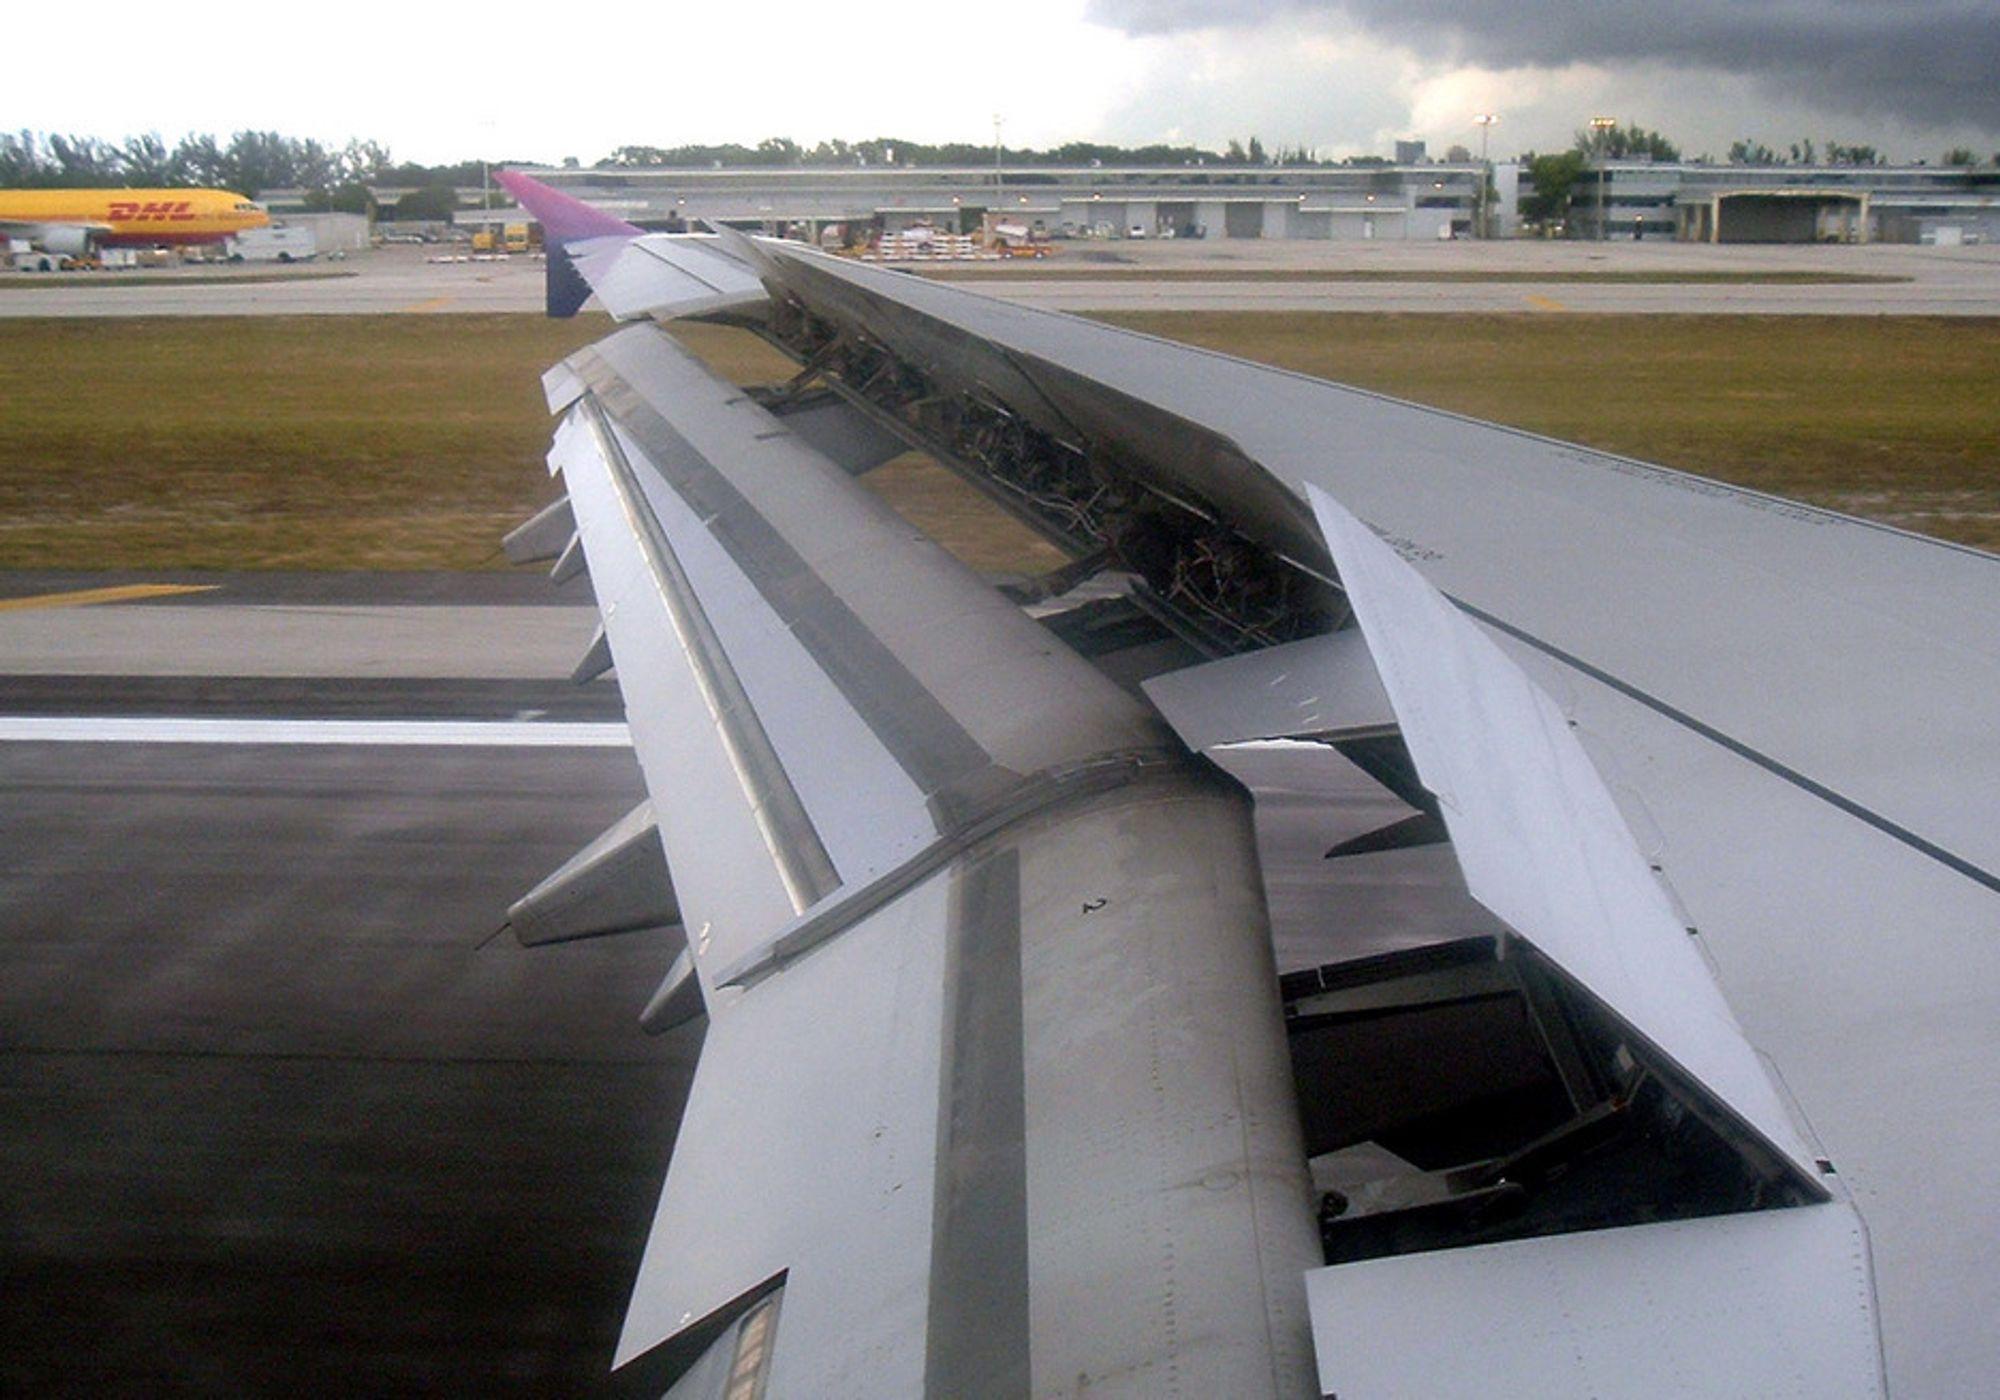 EFFEKT: Atlantic Airways-flyet utnyttet den aerodynamiske bremseeffekten ved å slå ut spoilerne (se bildet), i tillegg til å bruke airbrakes og hjulbremser.